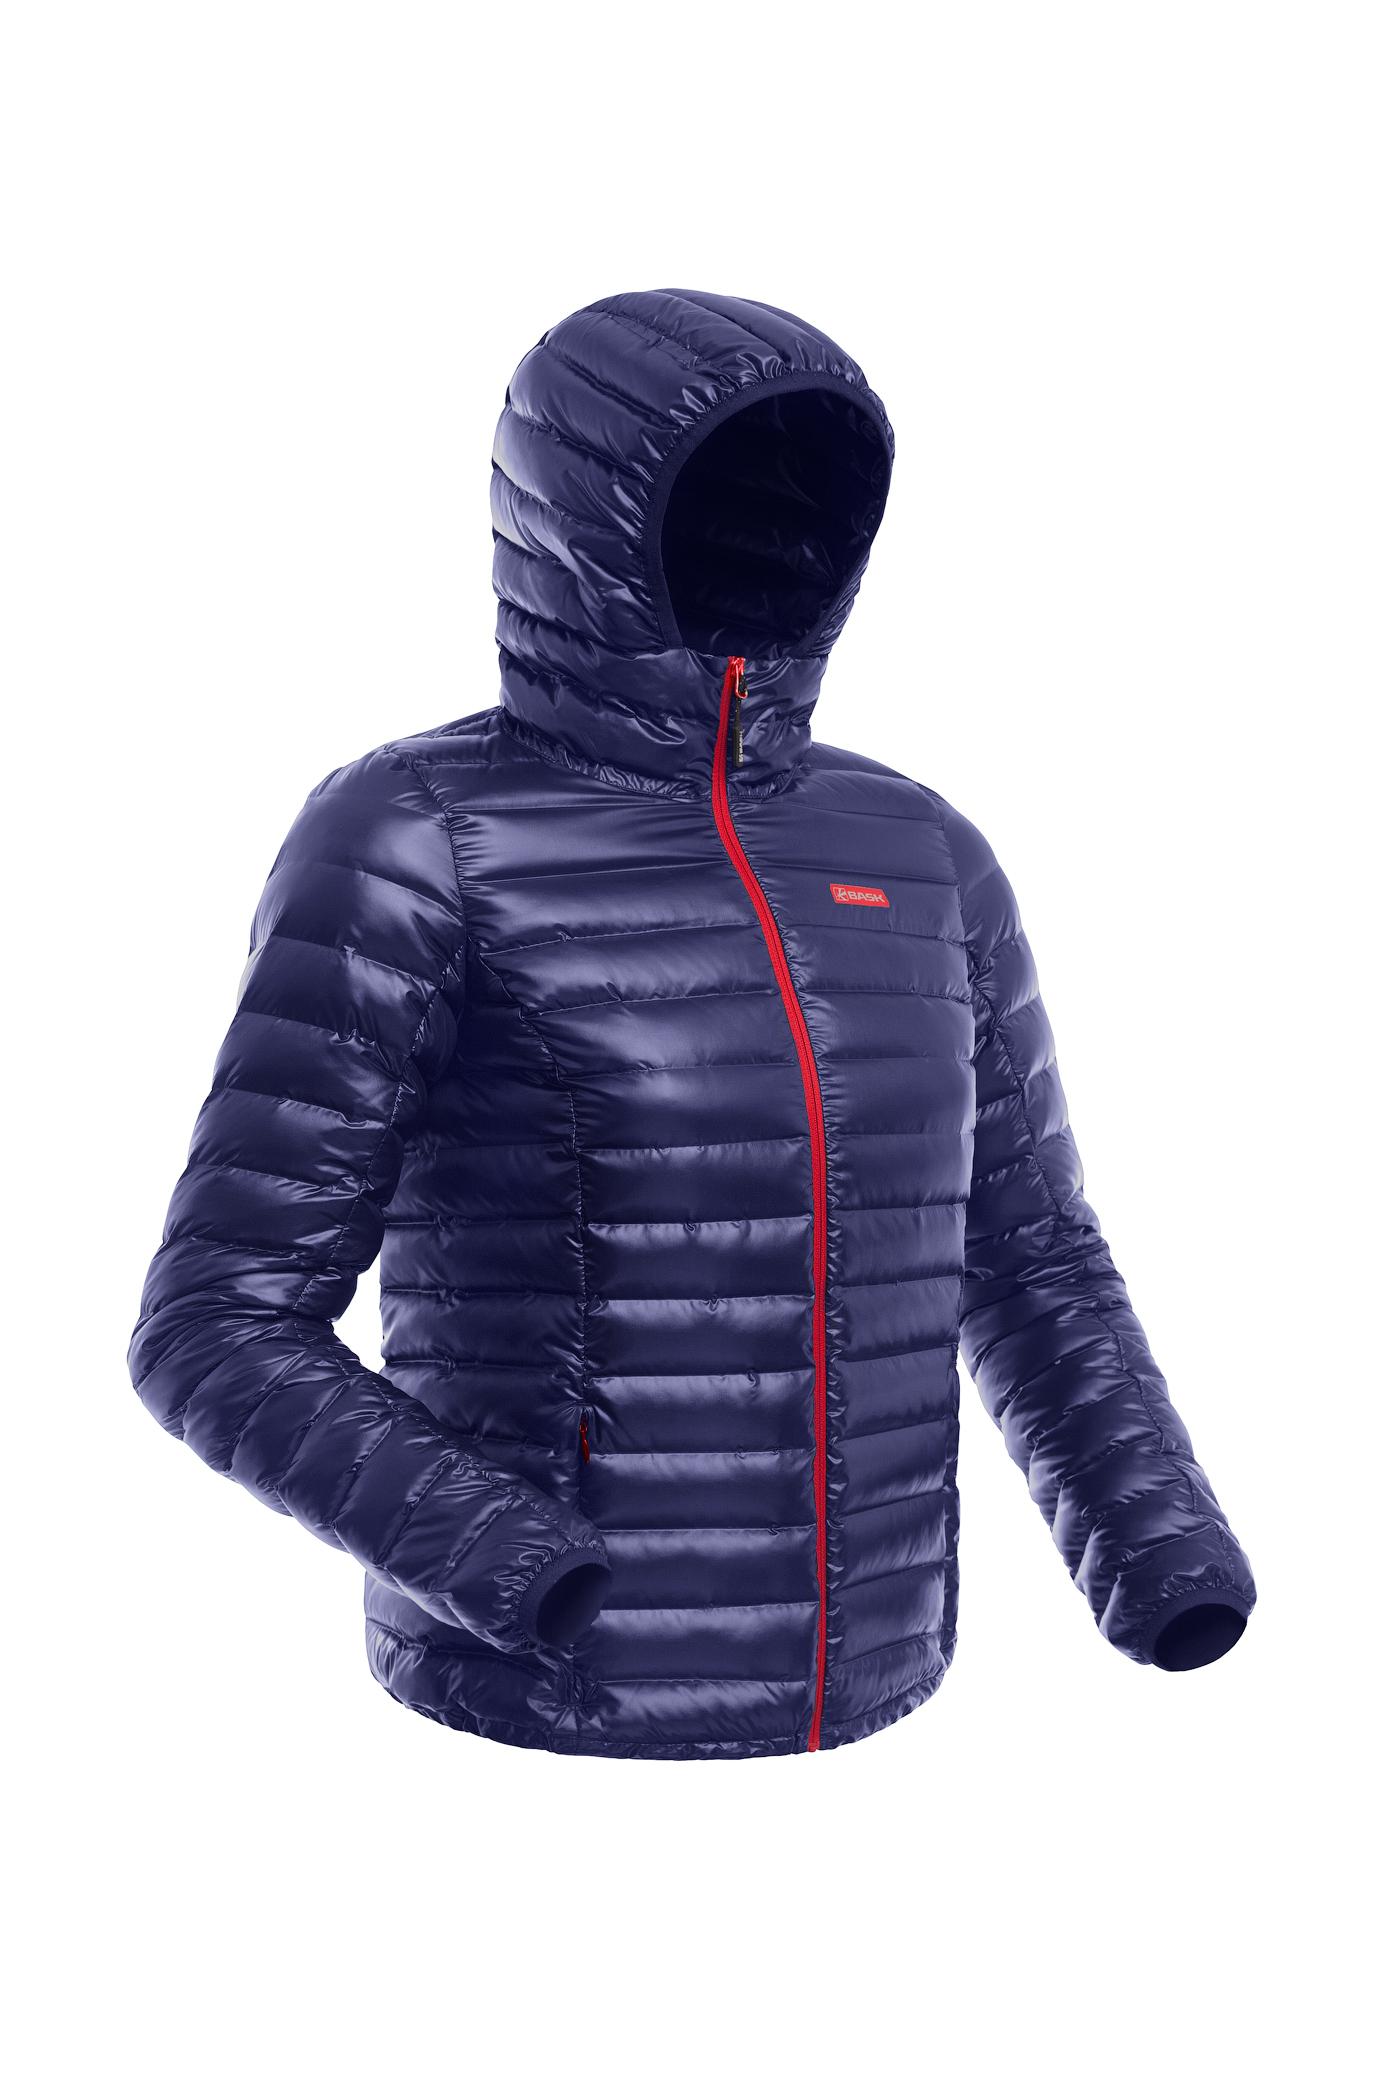 Пуховая куртка BASK CHAMONIX LIGHT LJ 3680Куртки<br><br><br>Верхняя ткань: Advance® Superior<br>Вес граммы: 350<br>Вес утеплителя: 120<br>Ветро-влагозащитные свойства верхней ткани: Да<br>Ветрозащитная планка: Да<br>Ветрозащитная юбка: Нет<br>Влагозащитные молнии: Нет<br>Внутренние манжеты: Нет<br>Внутренняя ткань: Advance® Superior<br>Дублирующий центральную молнию клапан: Нет<br>Защитный козырёк капюшона: Нет<br>Капюшон: Несъемный<br>Карман для средств связи: Нет<br>Количество внешних карманов: 2<br>Количество внутренних карманов: 1<br>Мембрана: Нет<br>Объемный крой локтевой зоны: Нет<br>Отстёгивающиеся рукава: Нет<br>Показатель Fill Power (для пуховых изделий): 800<br>Пол: Женский<br>Проклейка швов: Нет<br>Регулировка манжетов рукавов: Нет<br>Регулировка низа: Да<br>Регулировка объёма капюшона: Да<br>Регулировка талии: Нет<br>Регулируемые вентиляционные отверстия: Нет<br>Световозвращающая лента: Нет<br>Температурный режим: -10<br>Технология Thermal Welding: Нет<br>Технология швов: Простые<br>Тип молнии: Однозамковая<br>Тип утеплителя: Натуральный<br>Ткань усиления: нет<br>Усиление контактных зон: Нет<br>Утеплитель: Гусиный пух<br>Размер RU: 44<br>Цвет: СЕРЫЙ